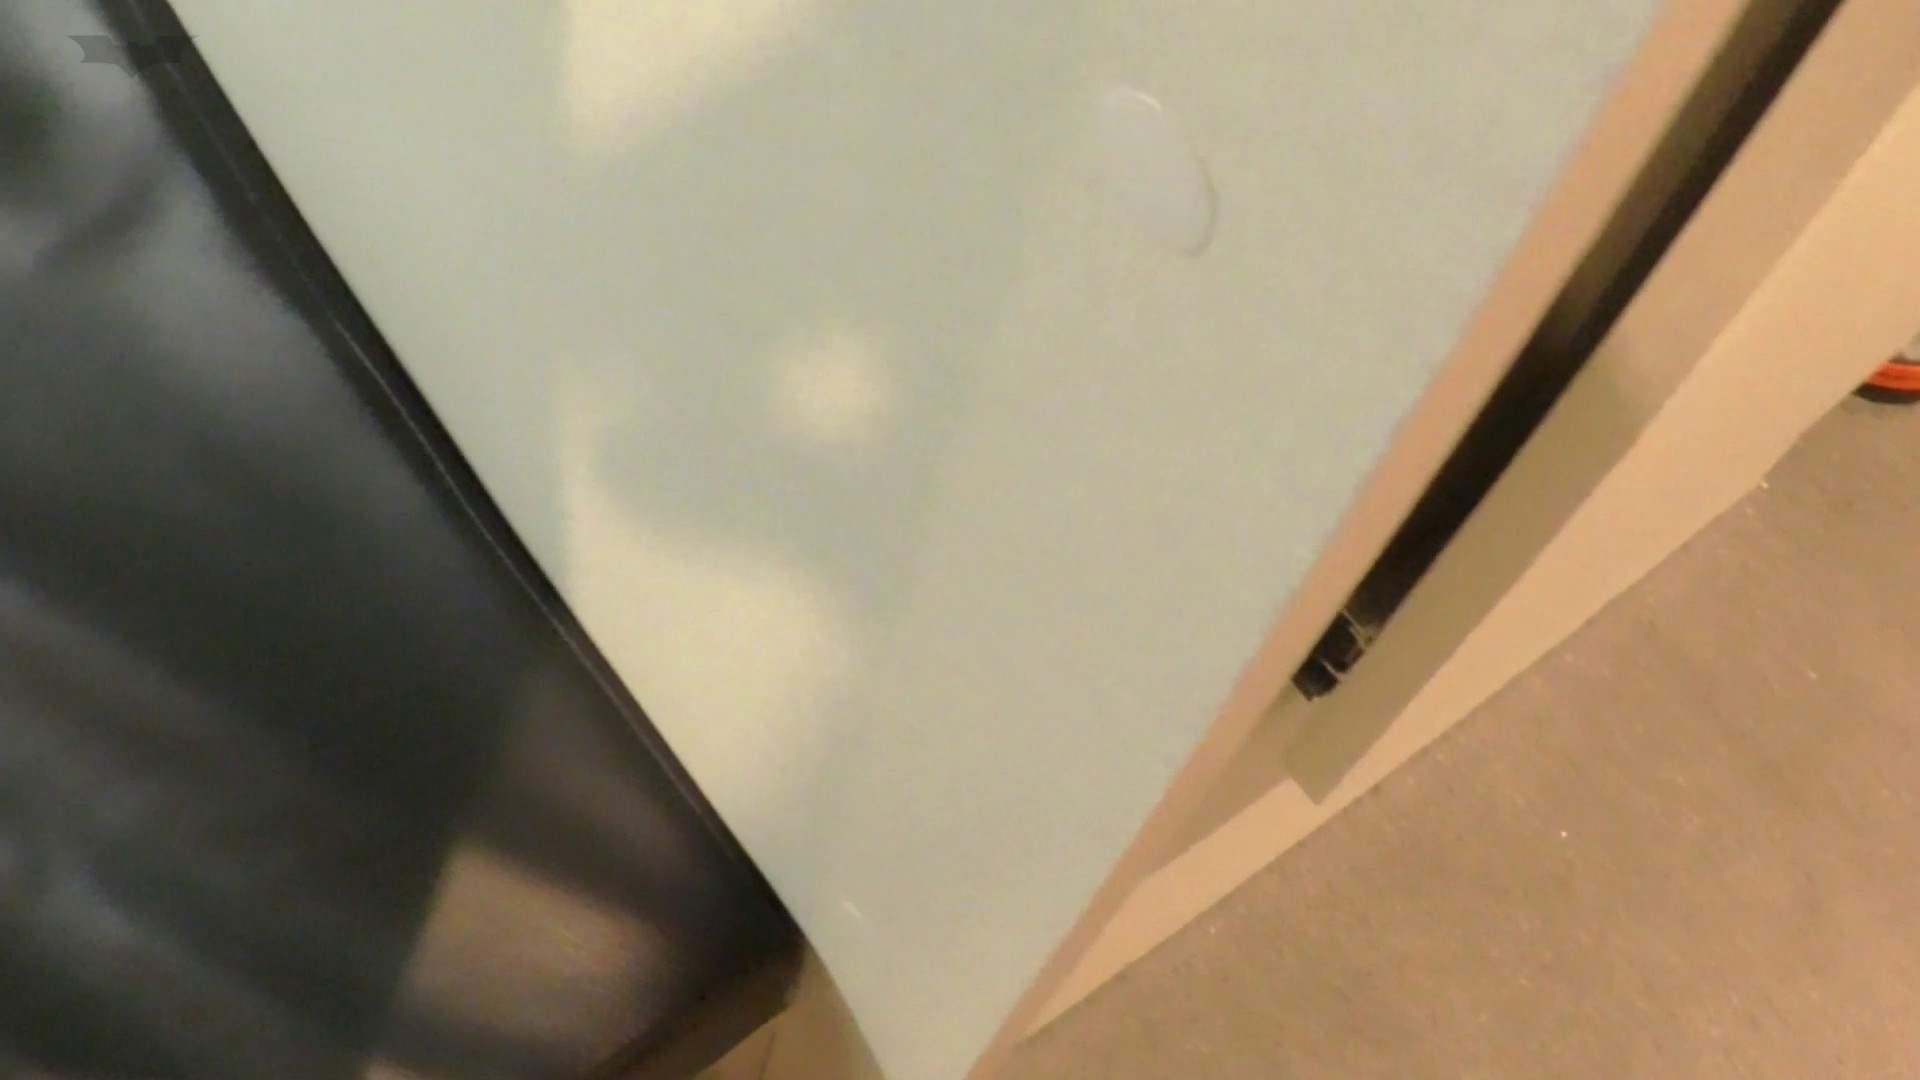 悪戯ネットカフェ Vol14 よく似ているJDにかけちゃった。 イタズラ  93連発 42